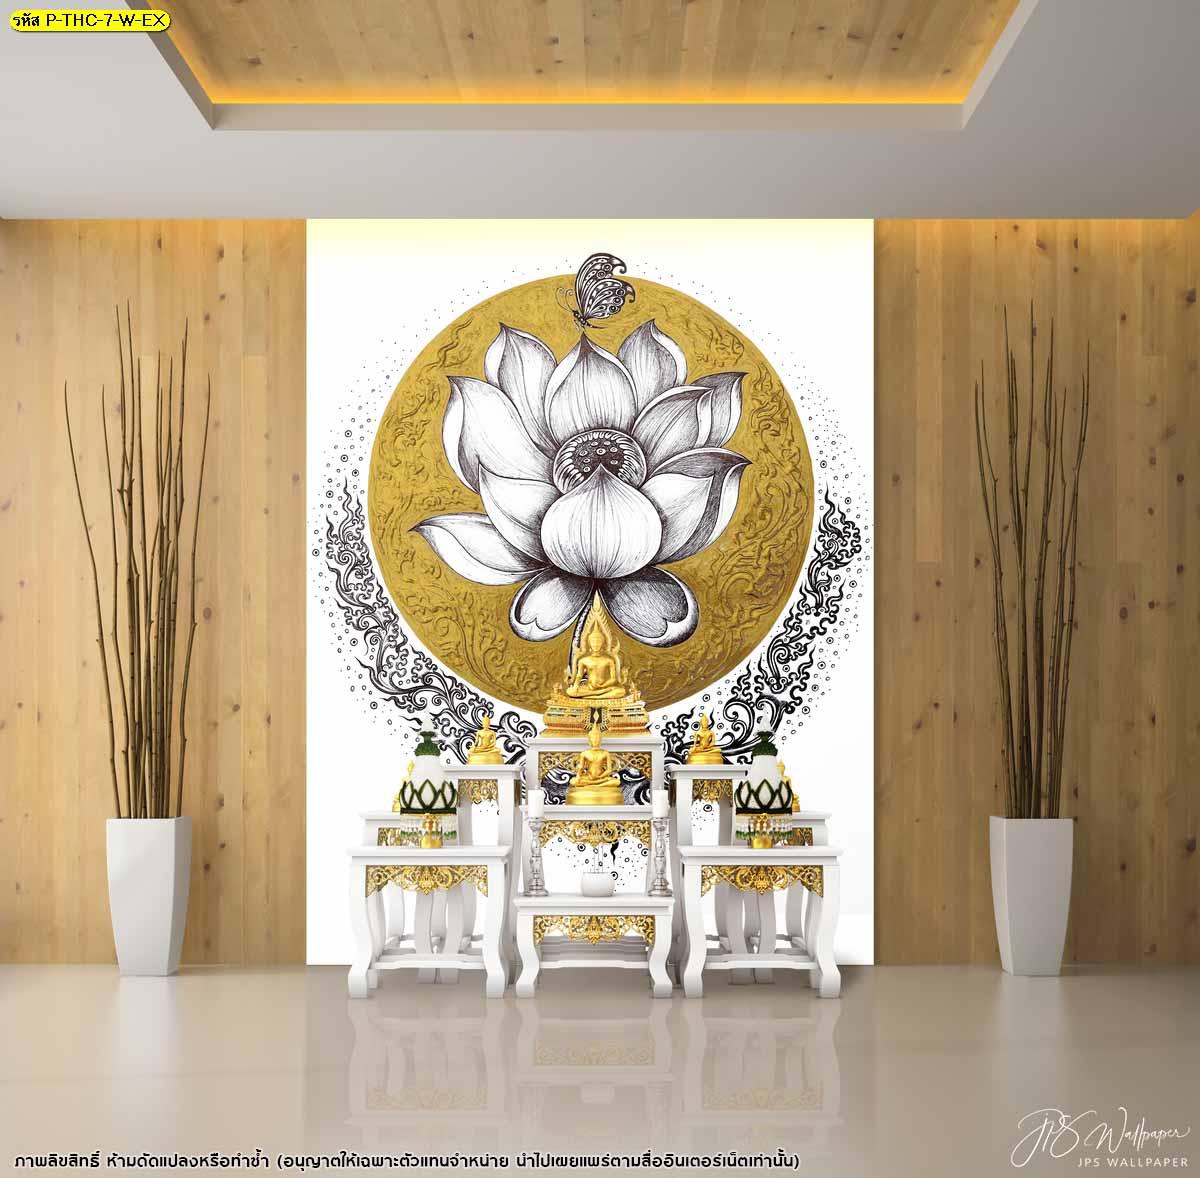 สั่งทำวอลเปเปอร์ลายไทยดอกบัวพื้นหลังวงกลมสีทอง ไอเดียแต่งห้องพระลายไทย แบบห้องพระเรียบง่ายดูดี